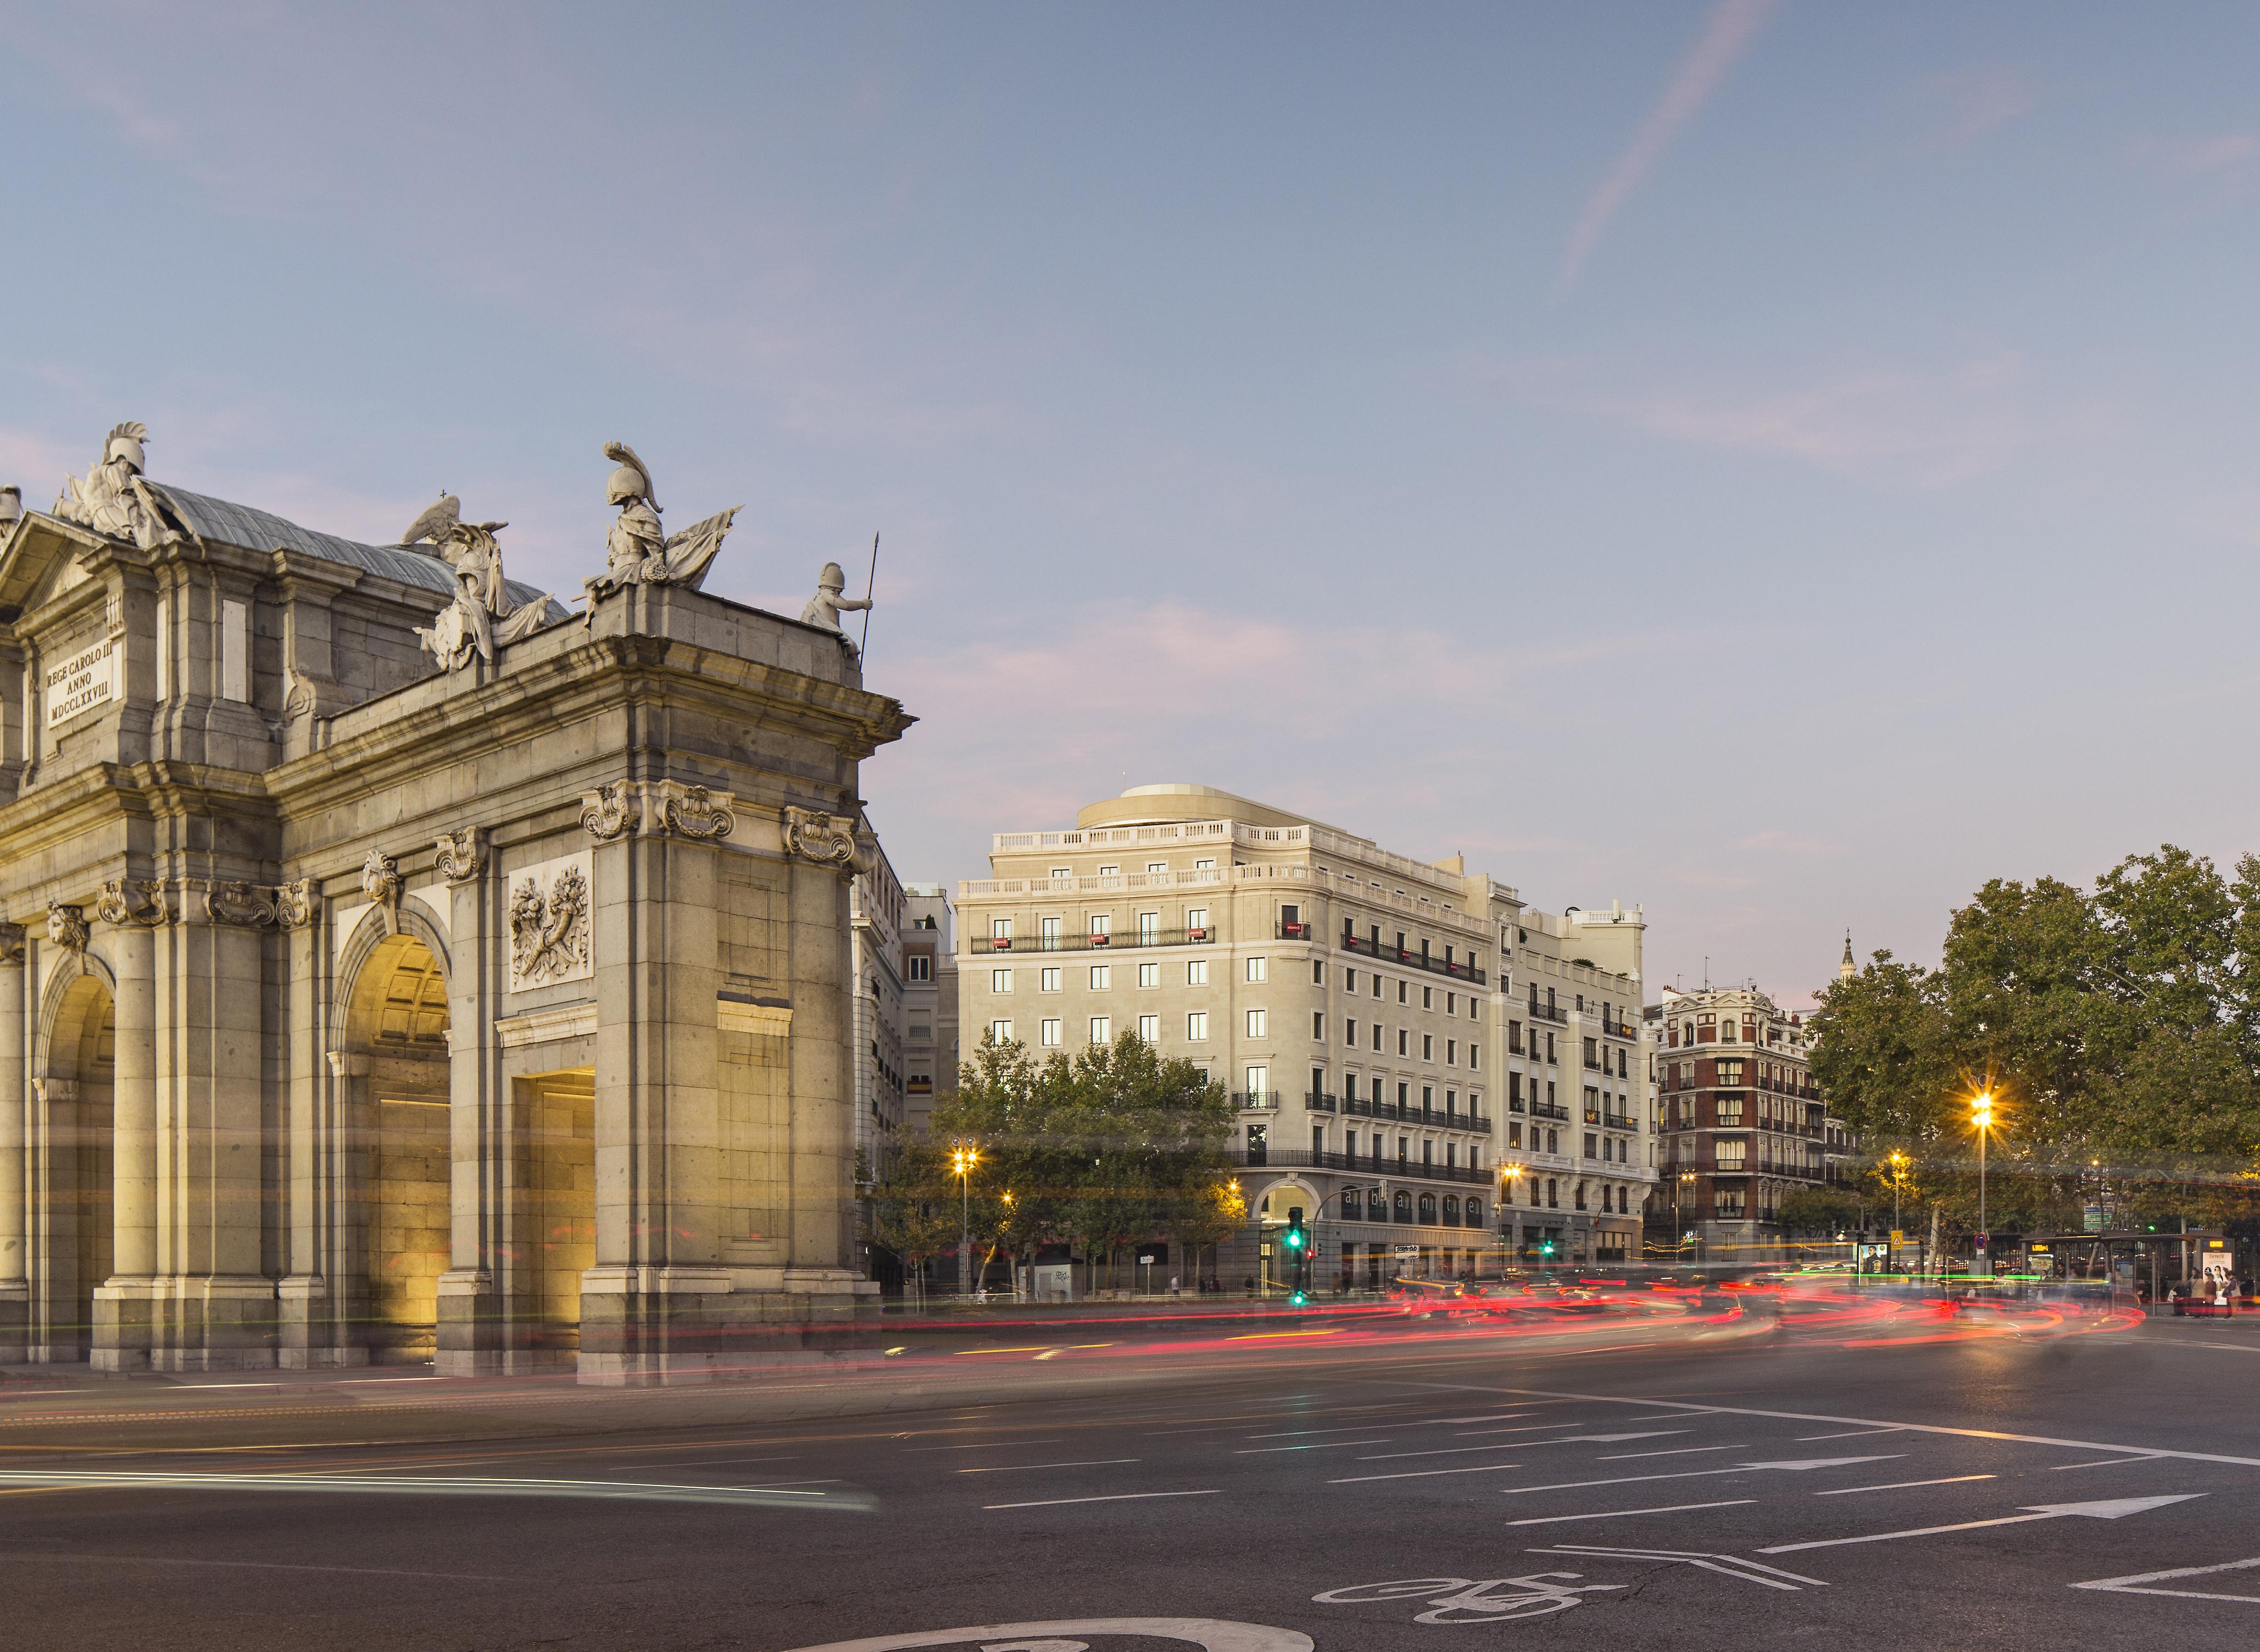 Inbisa construcci n finaliza la remodelaci n del edificio for Oficinas mapfre en valencia capital